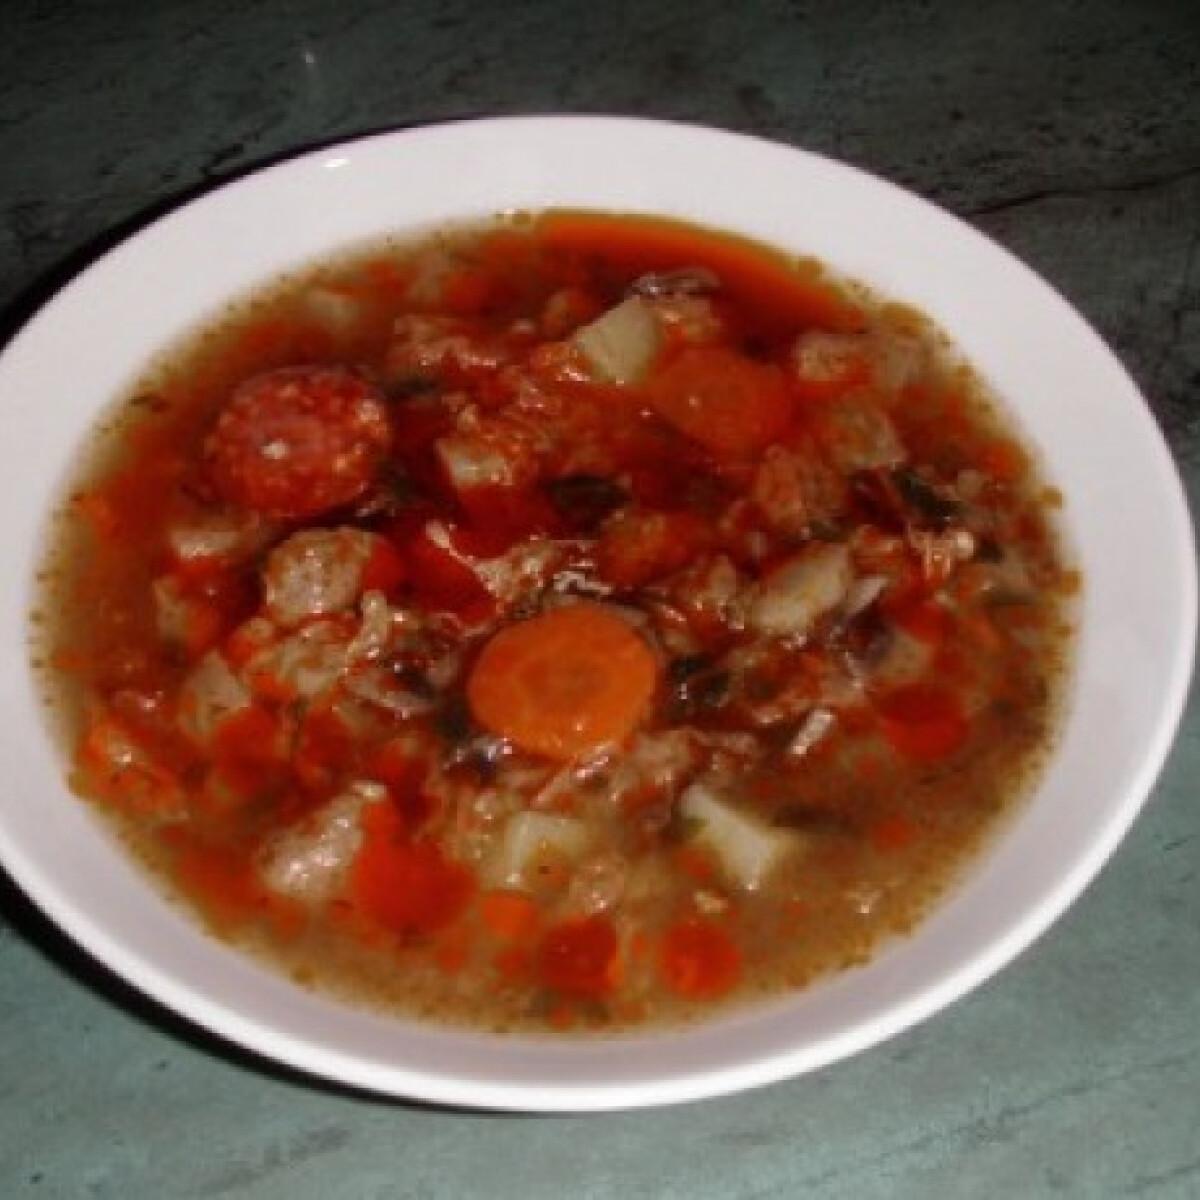 Bakonyi betyárleves Jolimami konyhájából